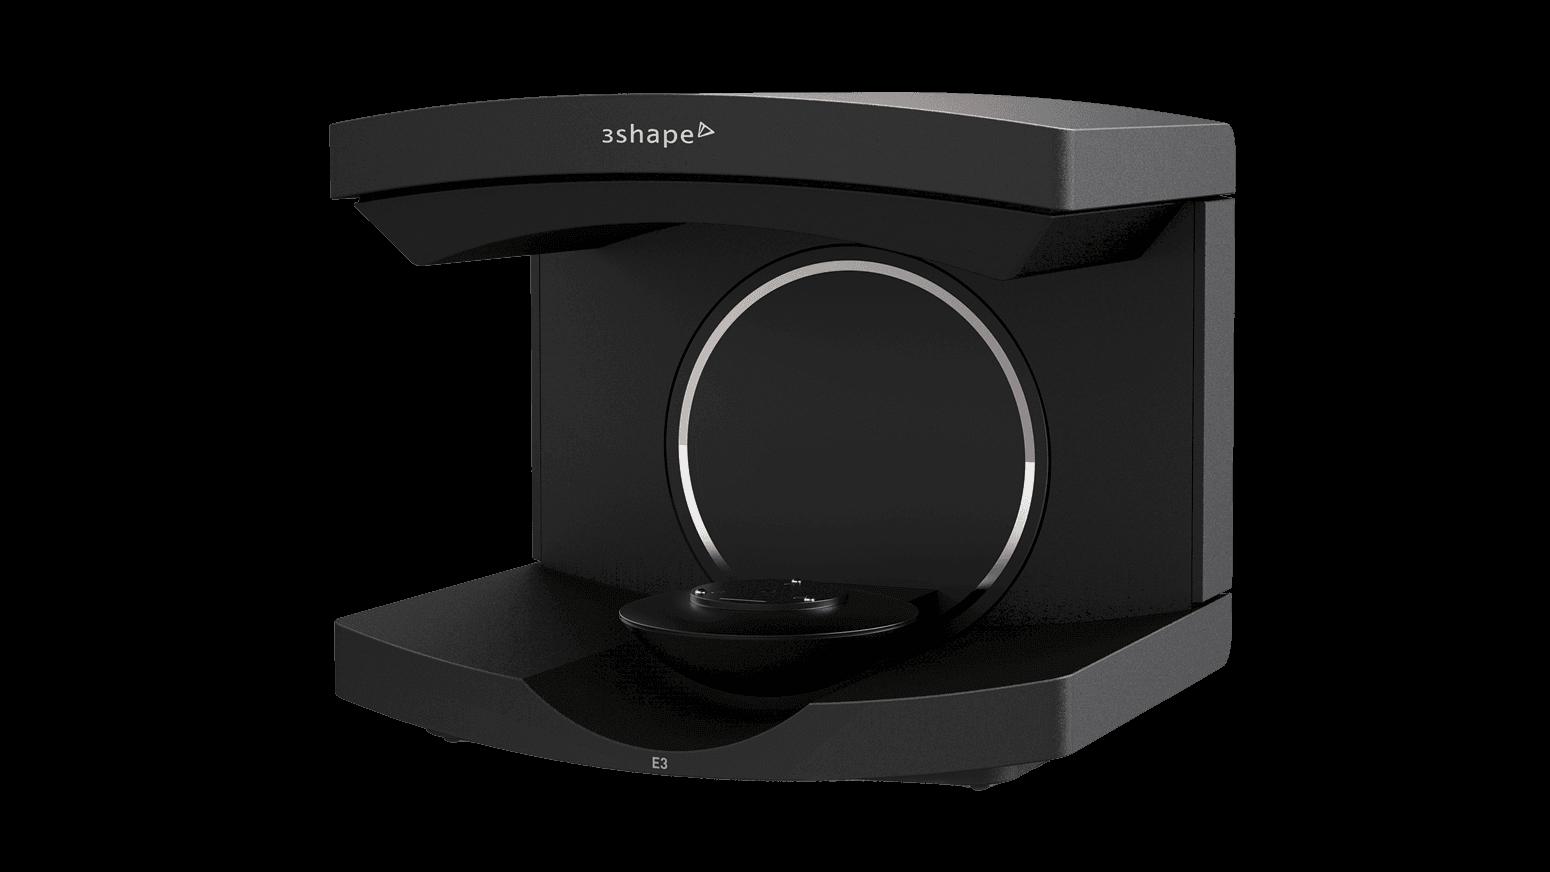 E3 3Shape - 3D scanners